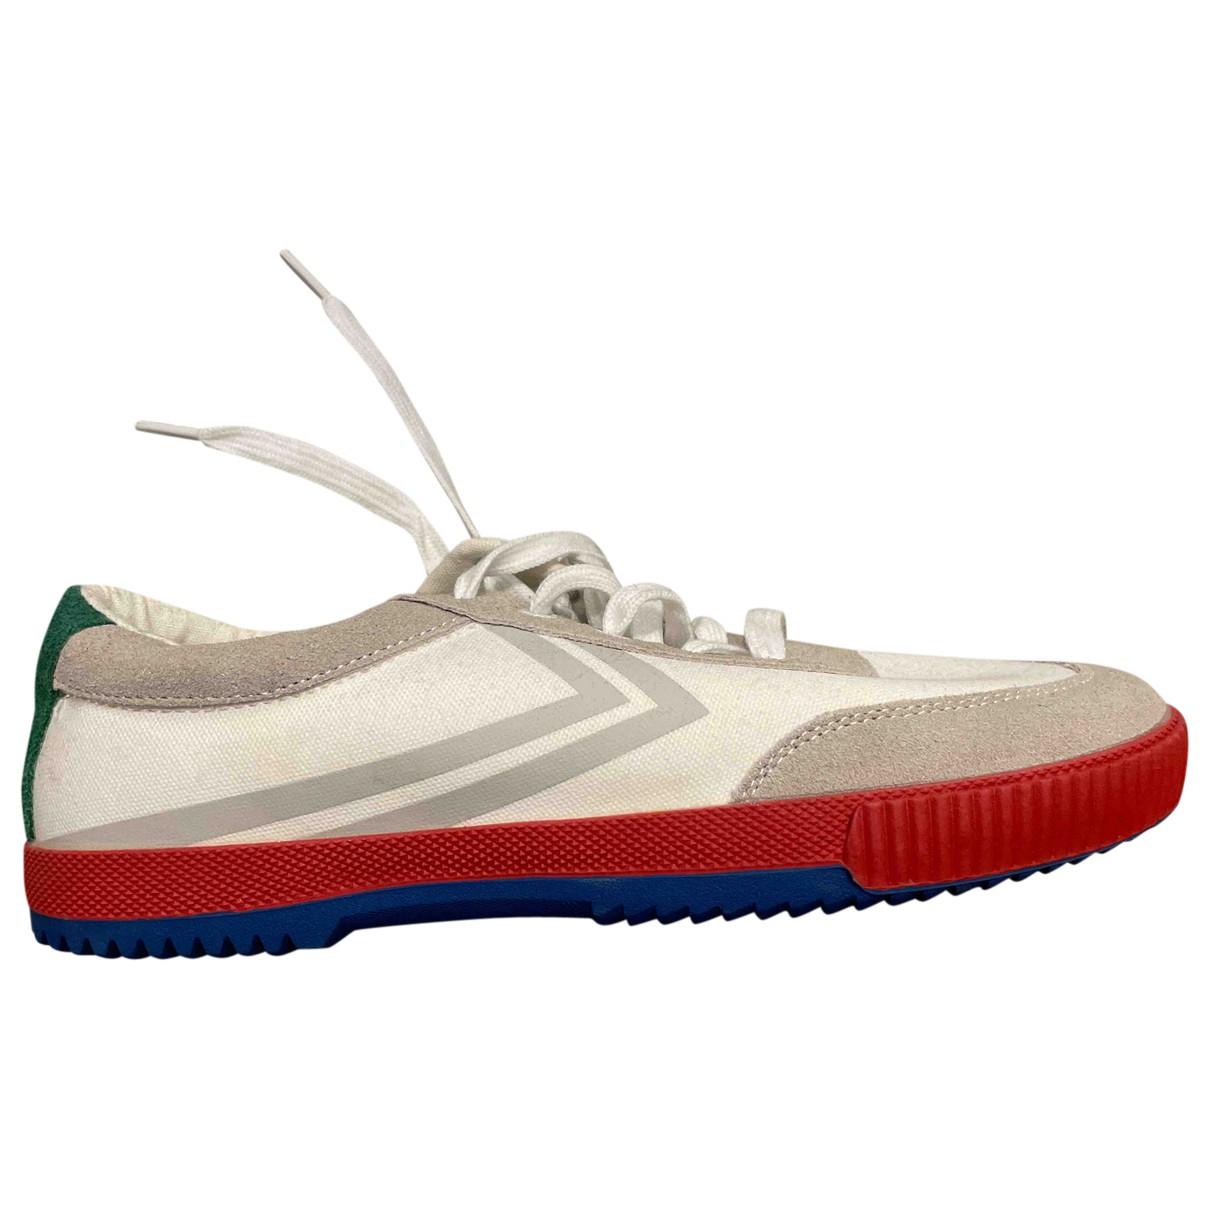 Feiyue \N Sneakers in  Weiss Leinen